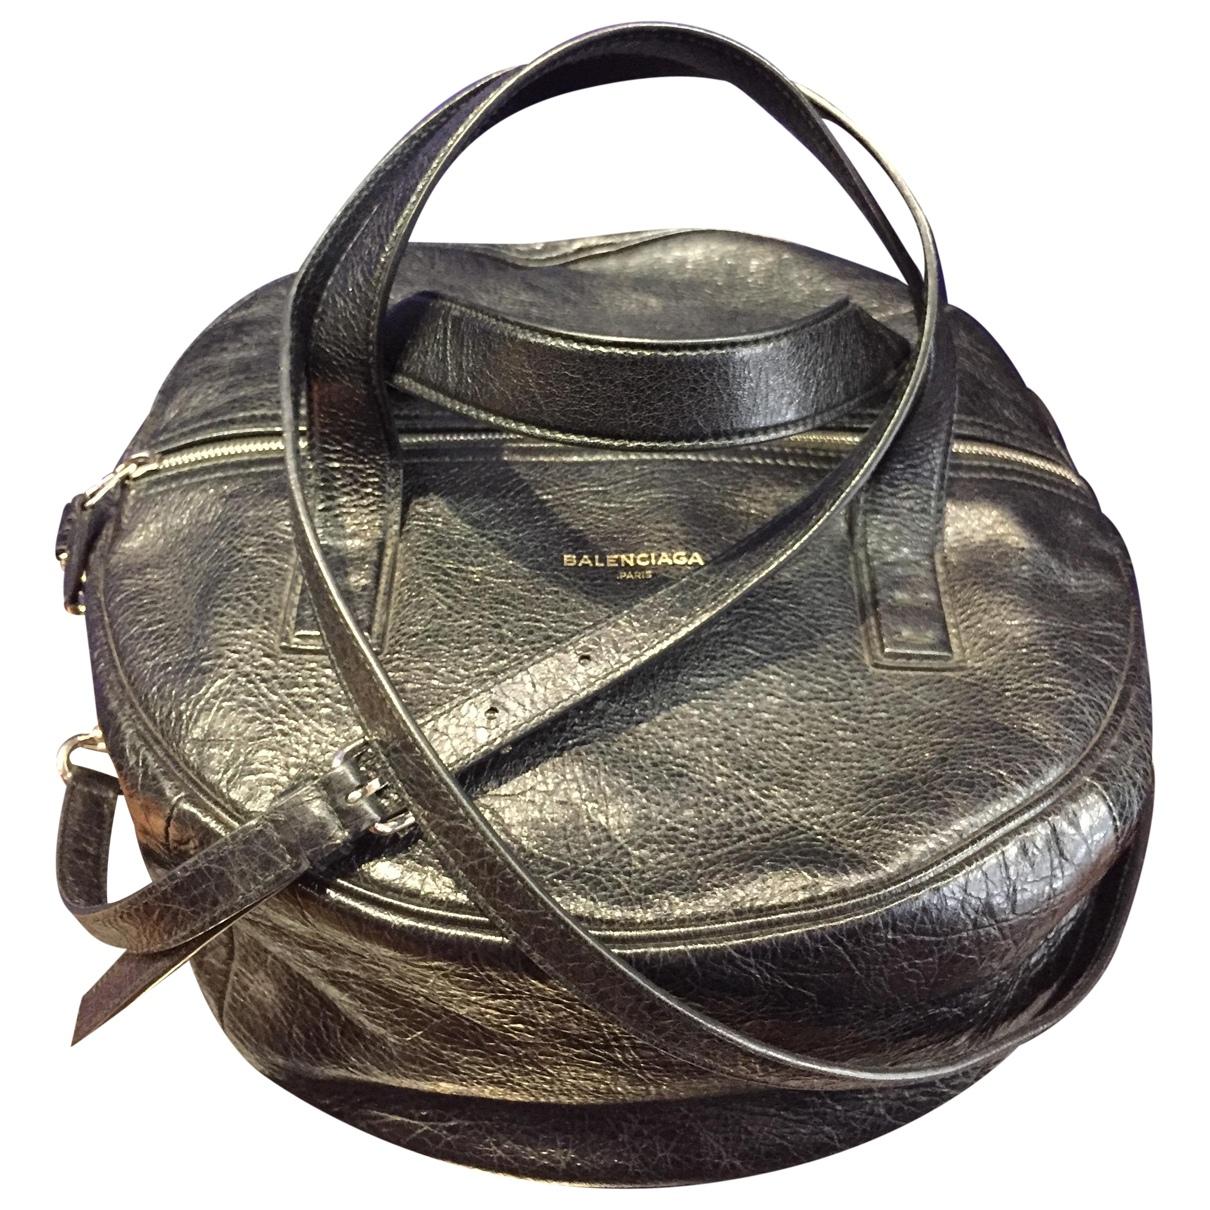 Balenciaga - Sac a main Air Hobo pour femme en cuir - noir